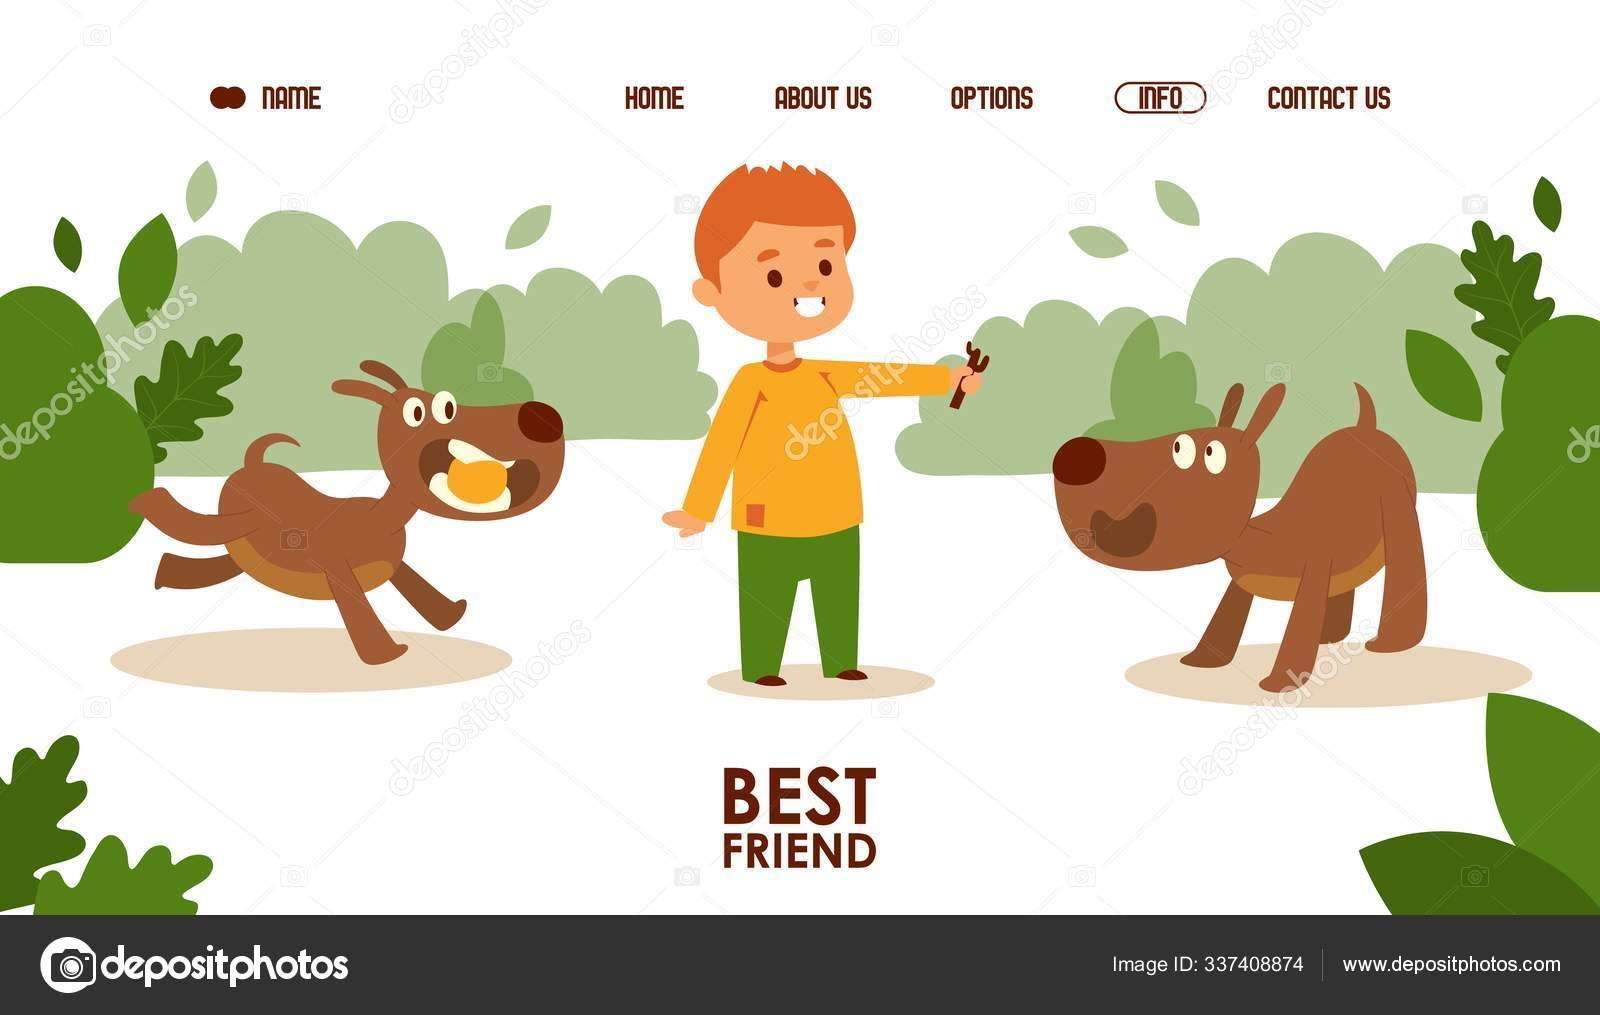 Boy Bermain Dengan Anjing Vektor Ilustrasi Templat Halaman Pendaratan Desain Website Karakter Kartun Lucu Aktivitas Menyenangkan Dengan Hewan Peliharaan Anjing Adalah Teman Baik Laki Laki Stok Vektor C Adekvat 337408874